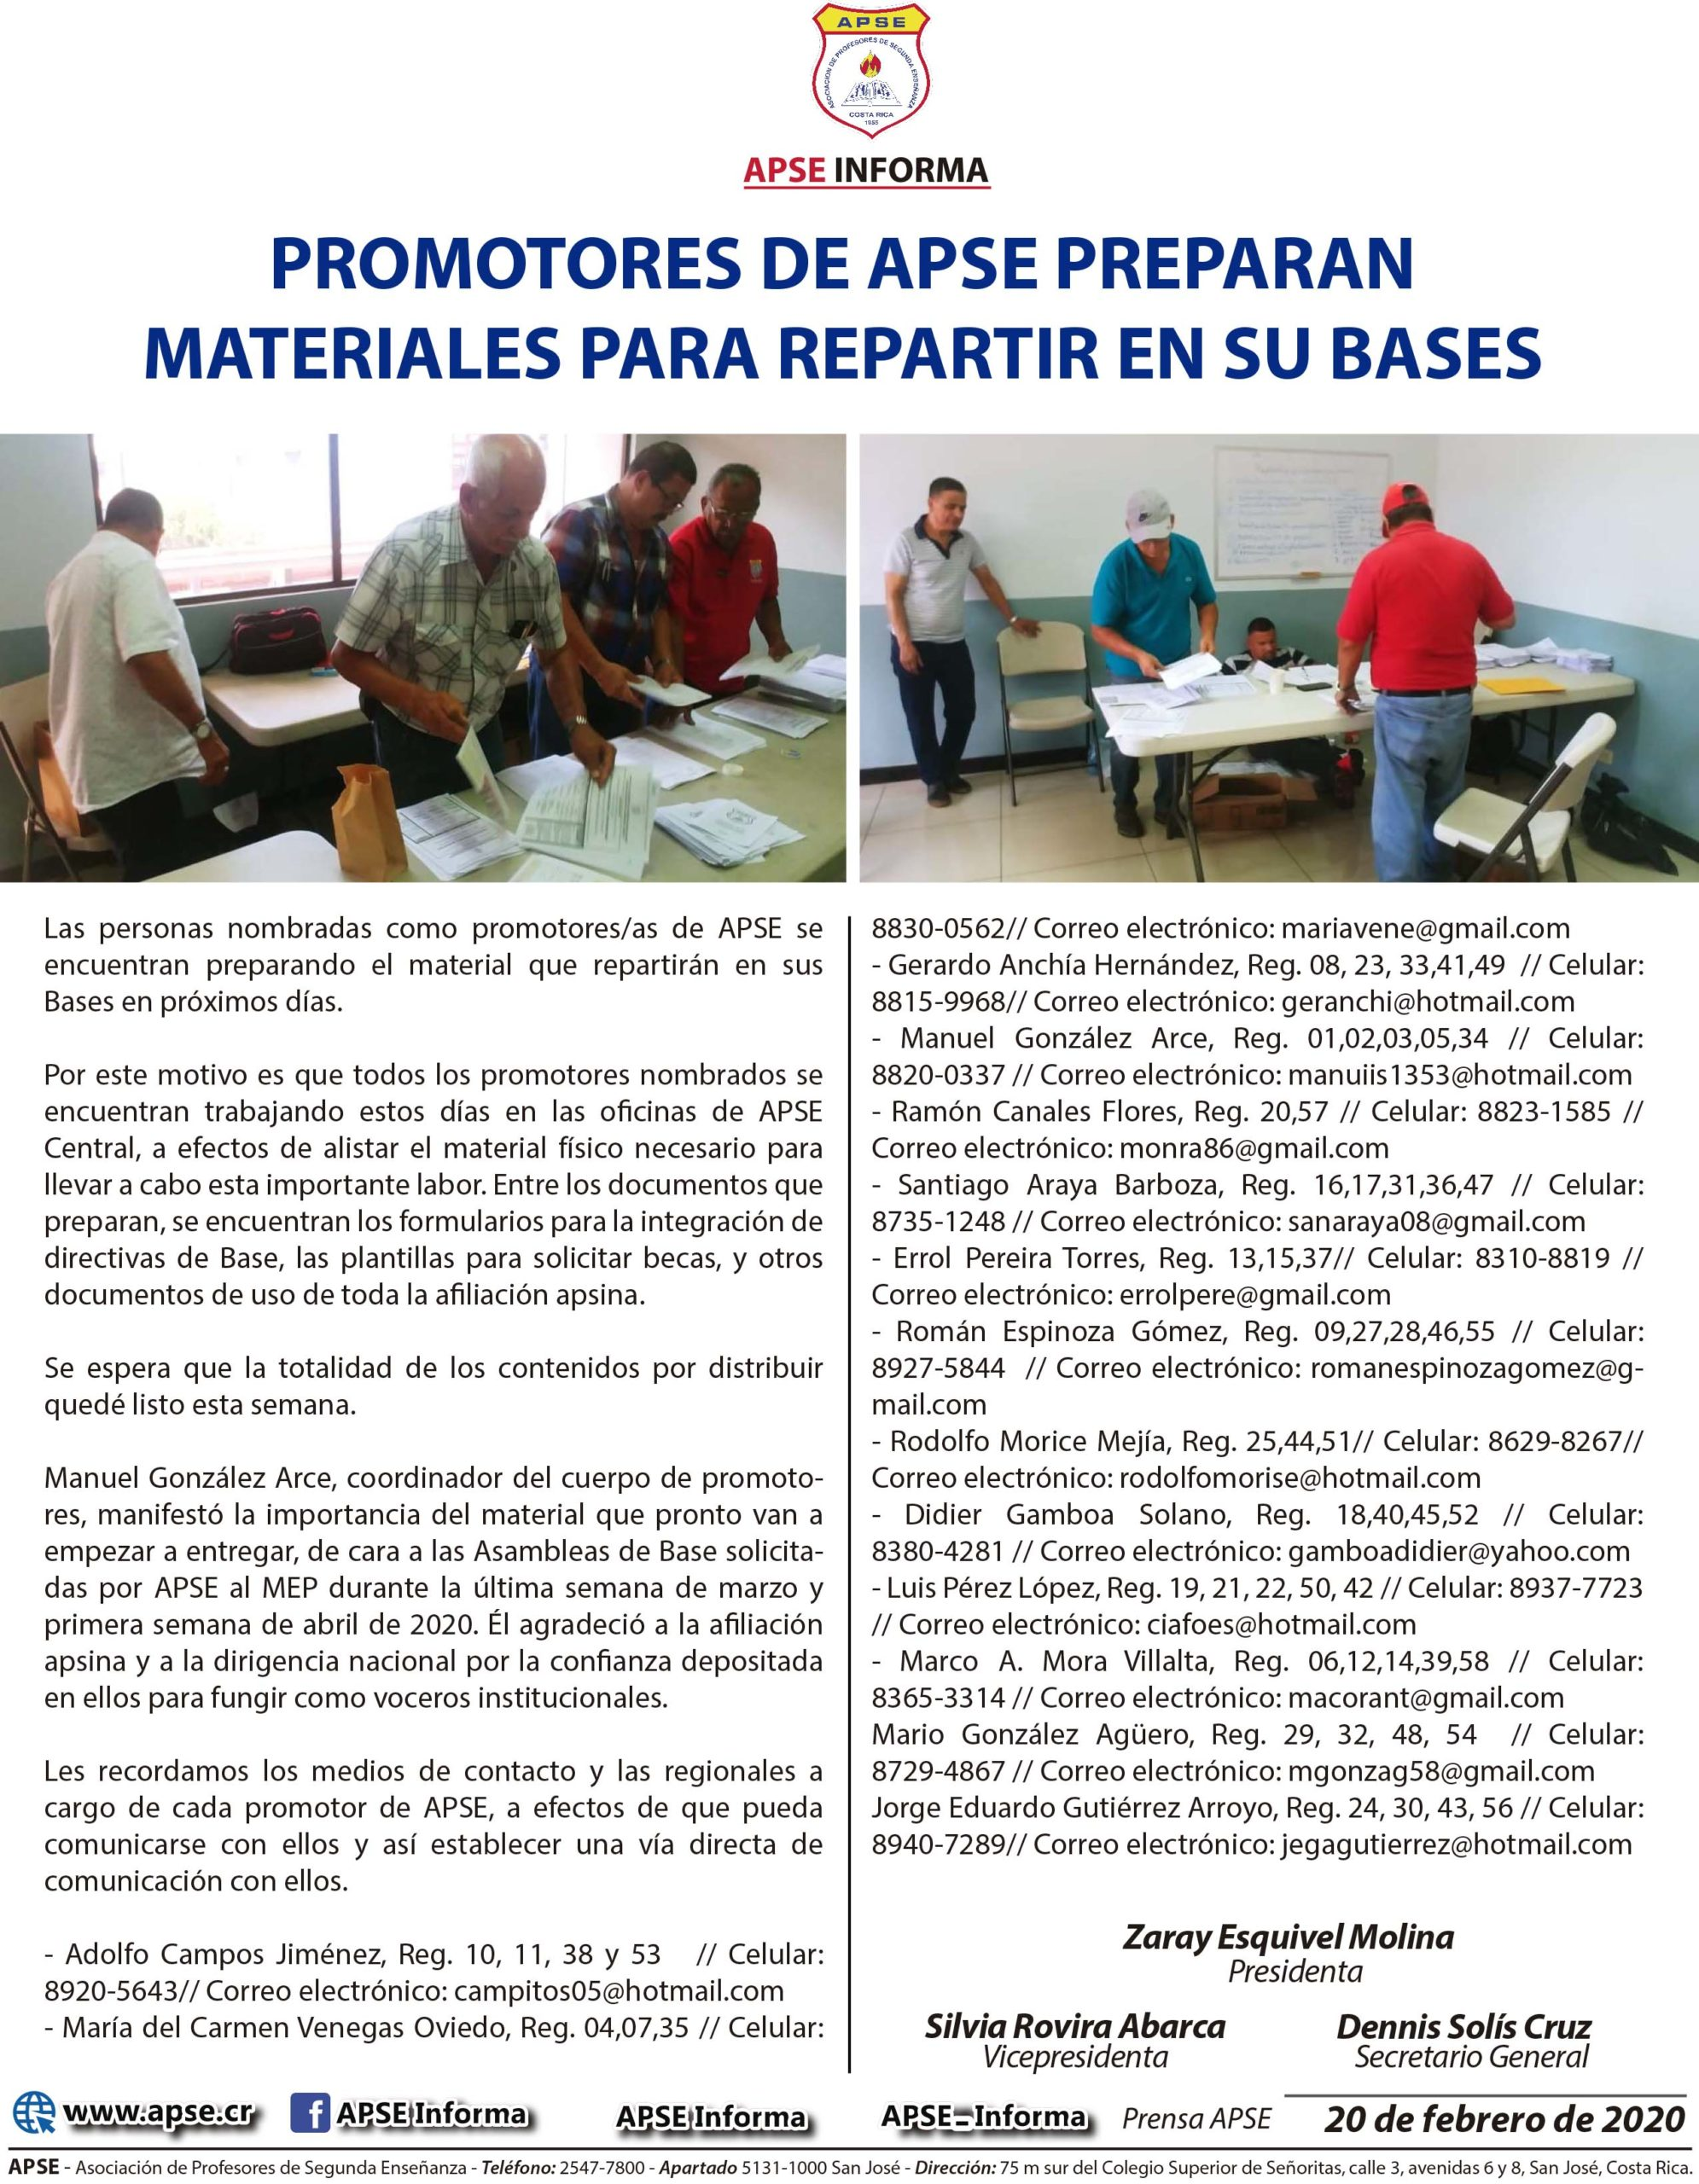 PROMOTORES DE APSE PREPARAN MATERIALES PARA REPARTIR EN SU BASES